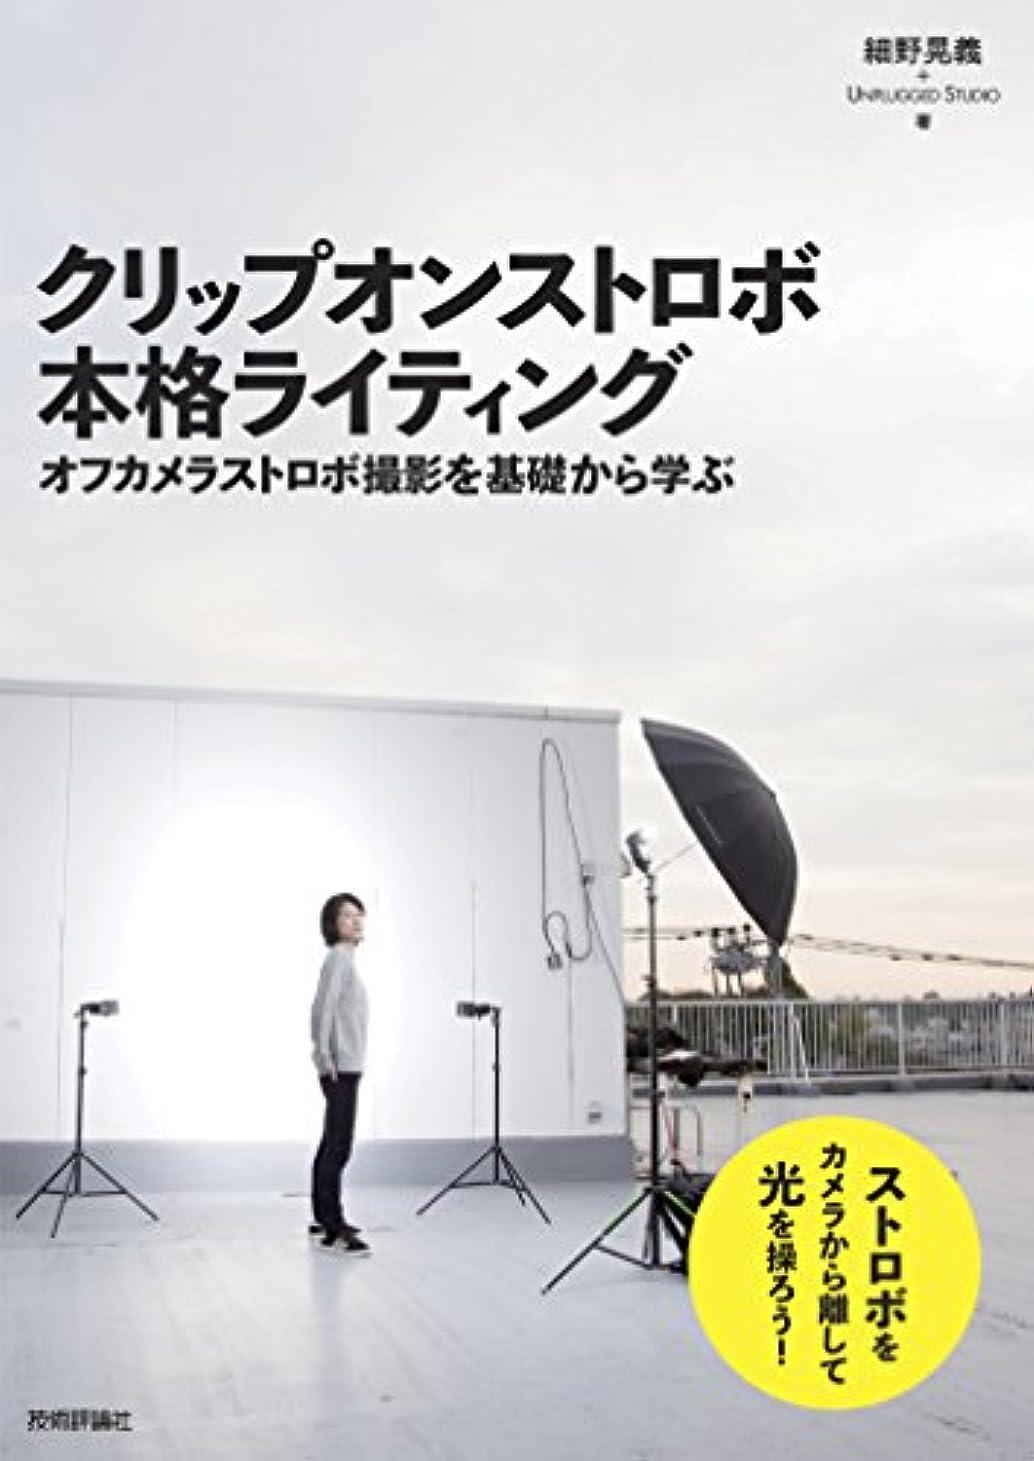 鍔雲褒賞クリップオンストロボ 本格ライティング ?オフカメラストロボ撮影を基礎から学ぶ